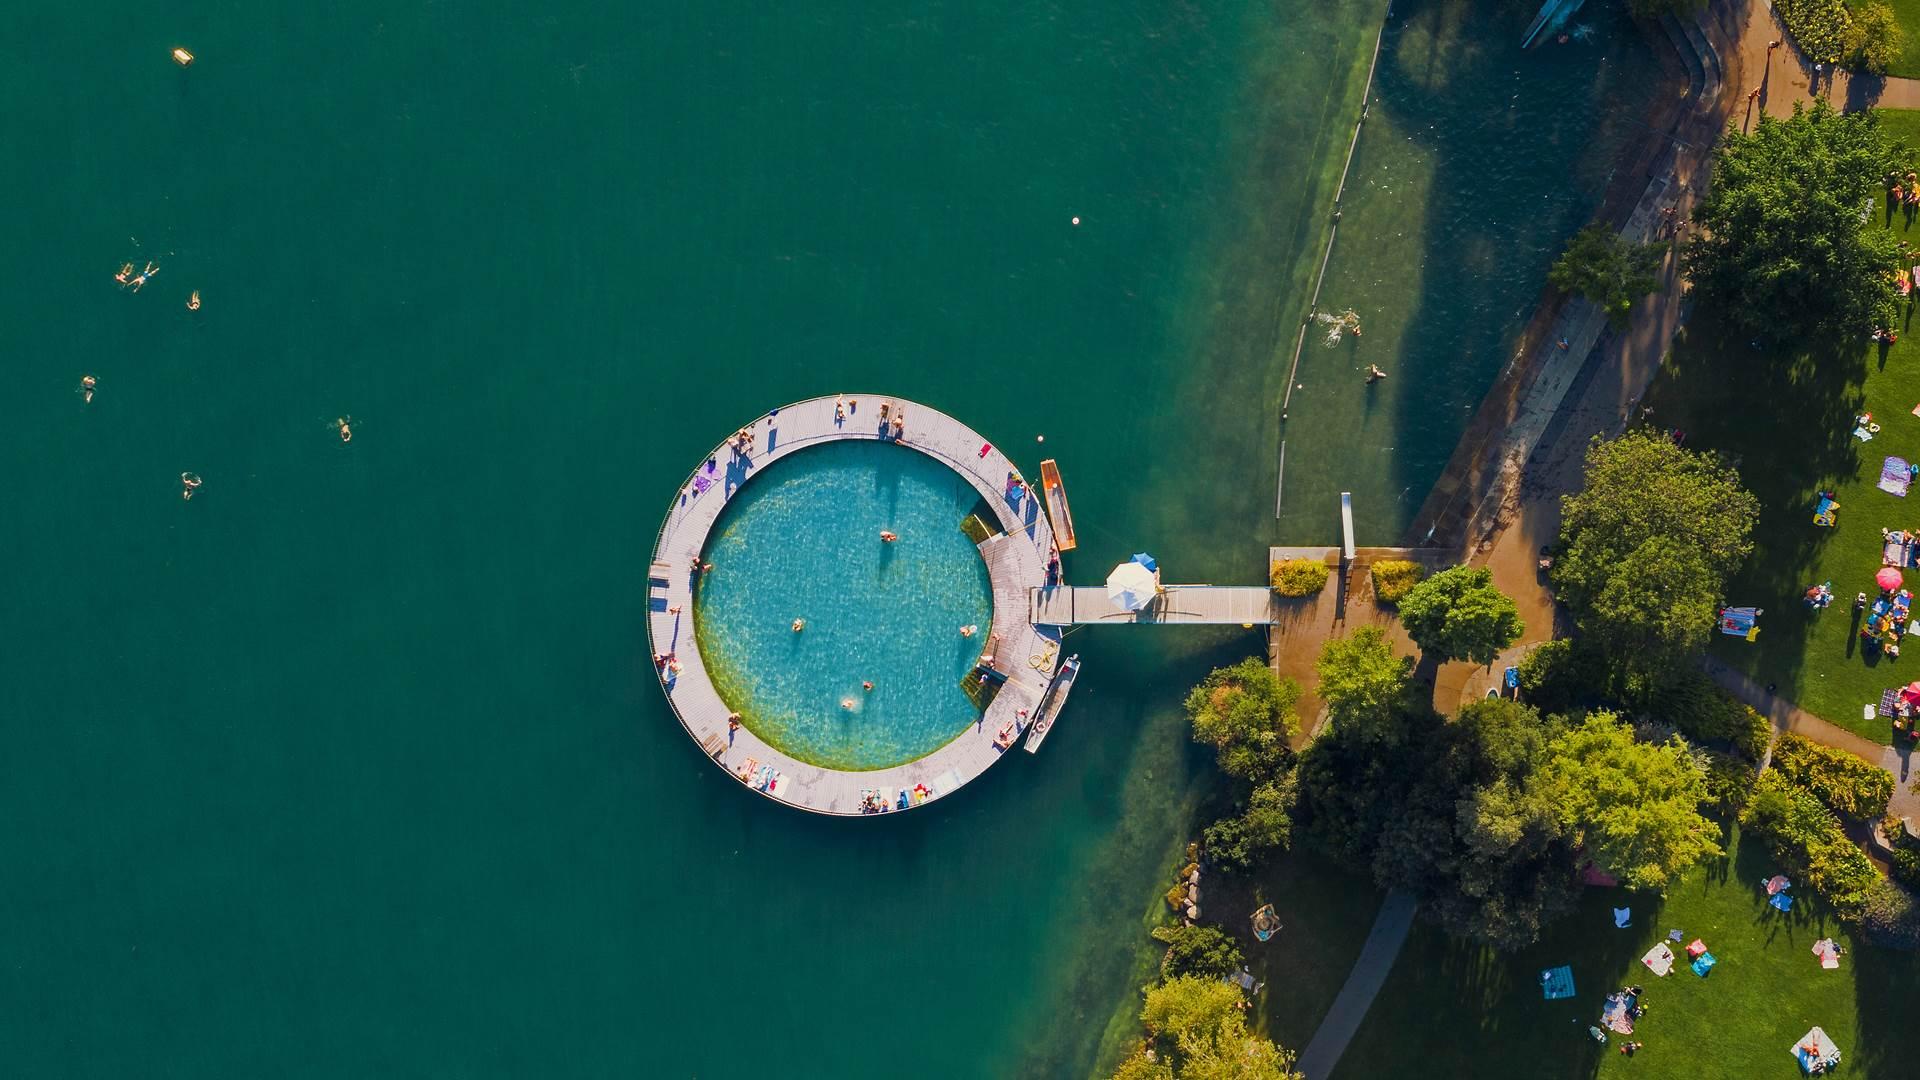 苏黎世湖岸边的室外游泳池,瑞士